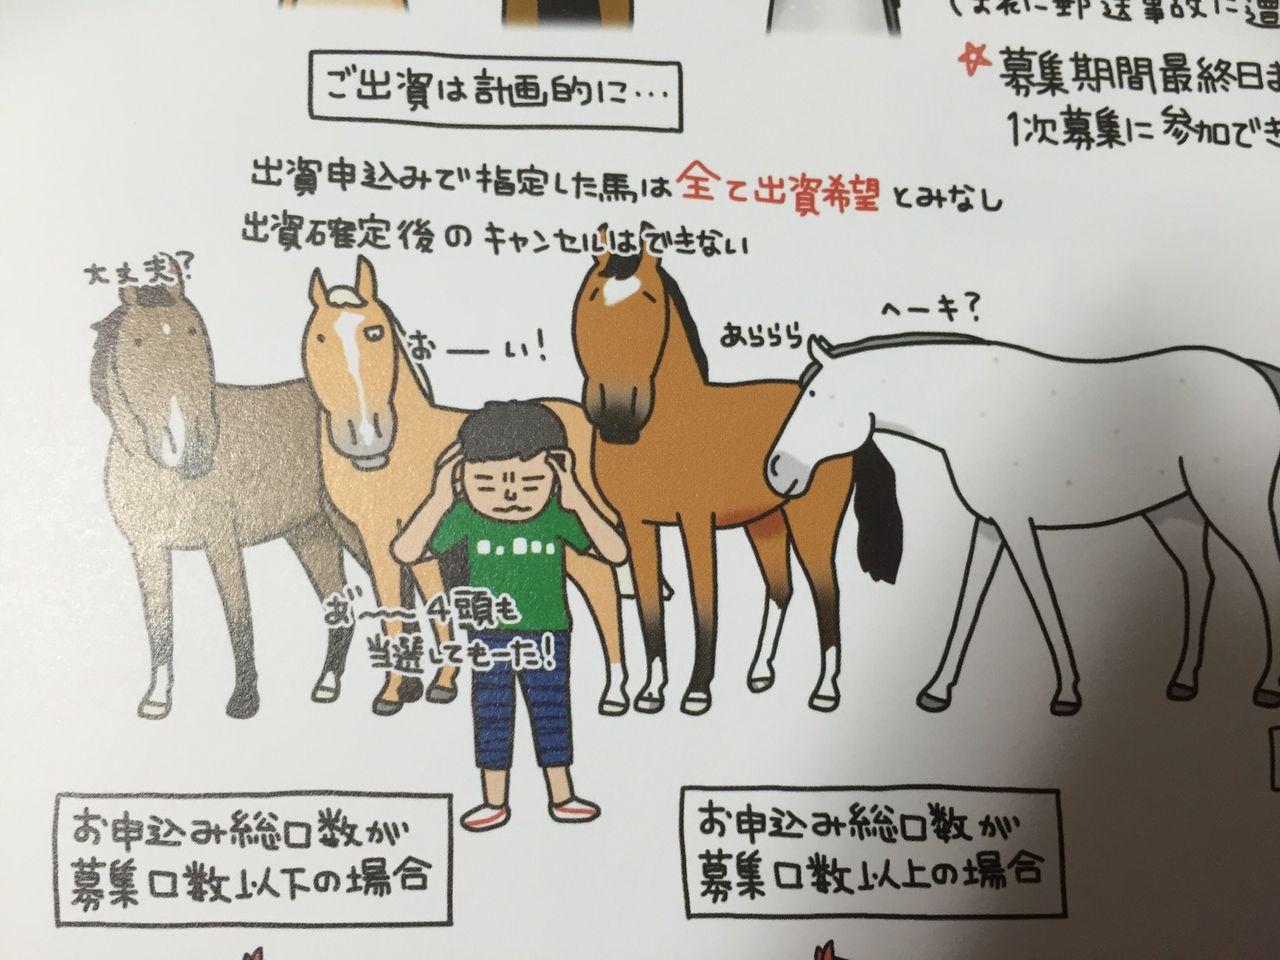 [出資検討] キャロット2017年度募集馬カタログと測尺で悲喜交交 2